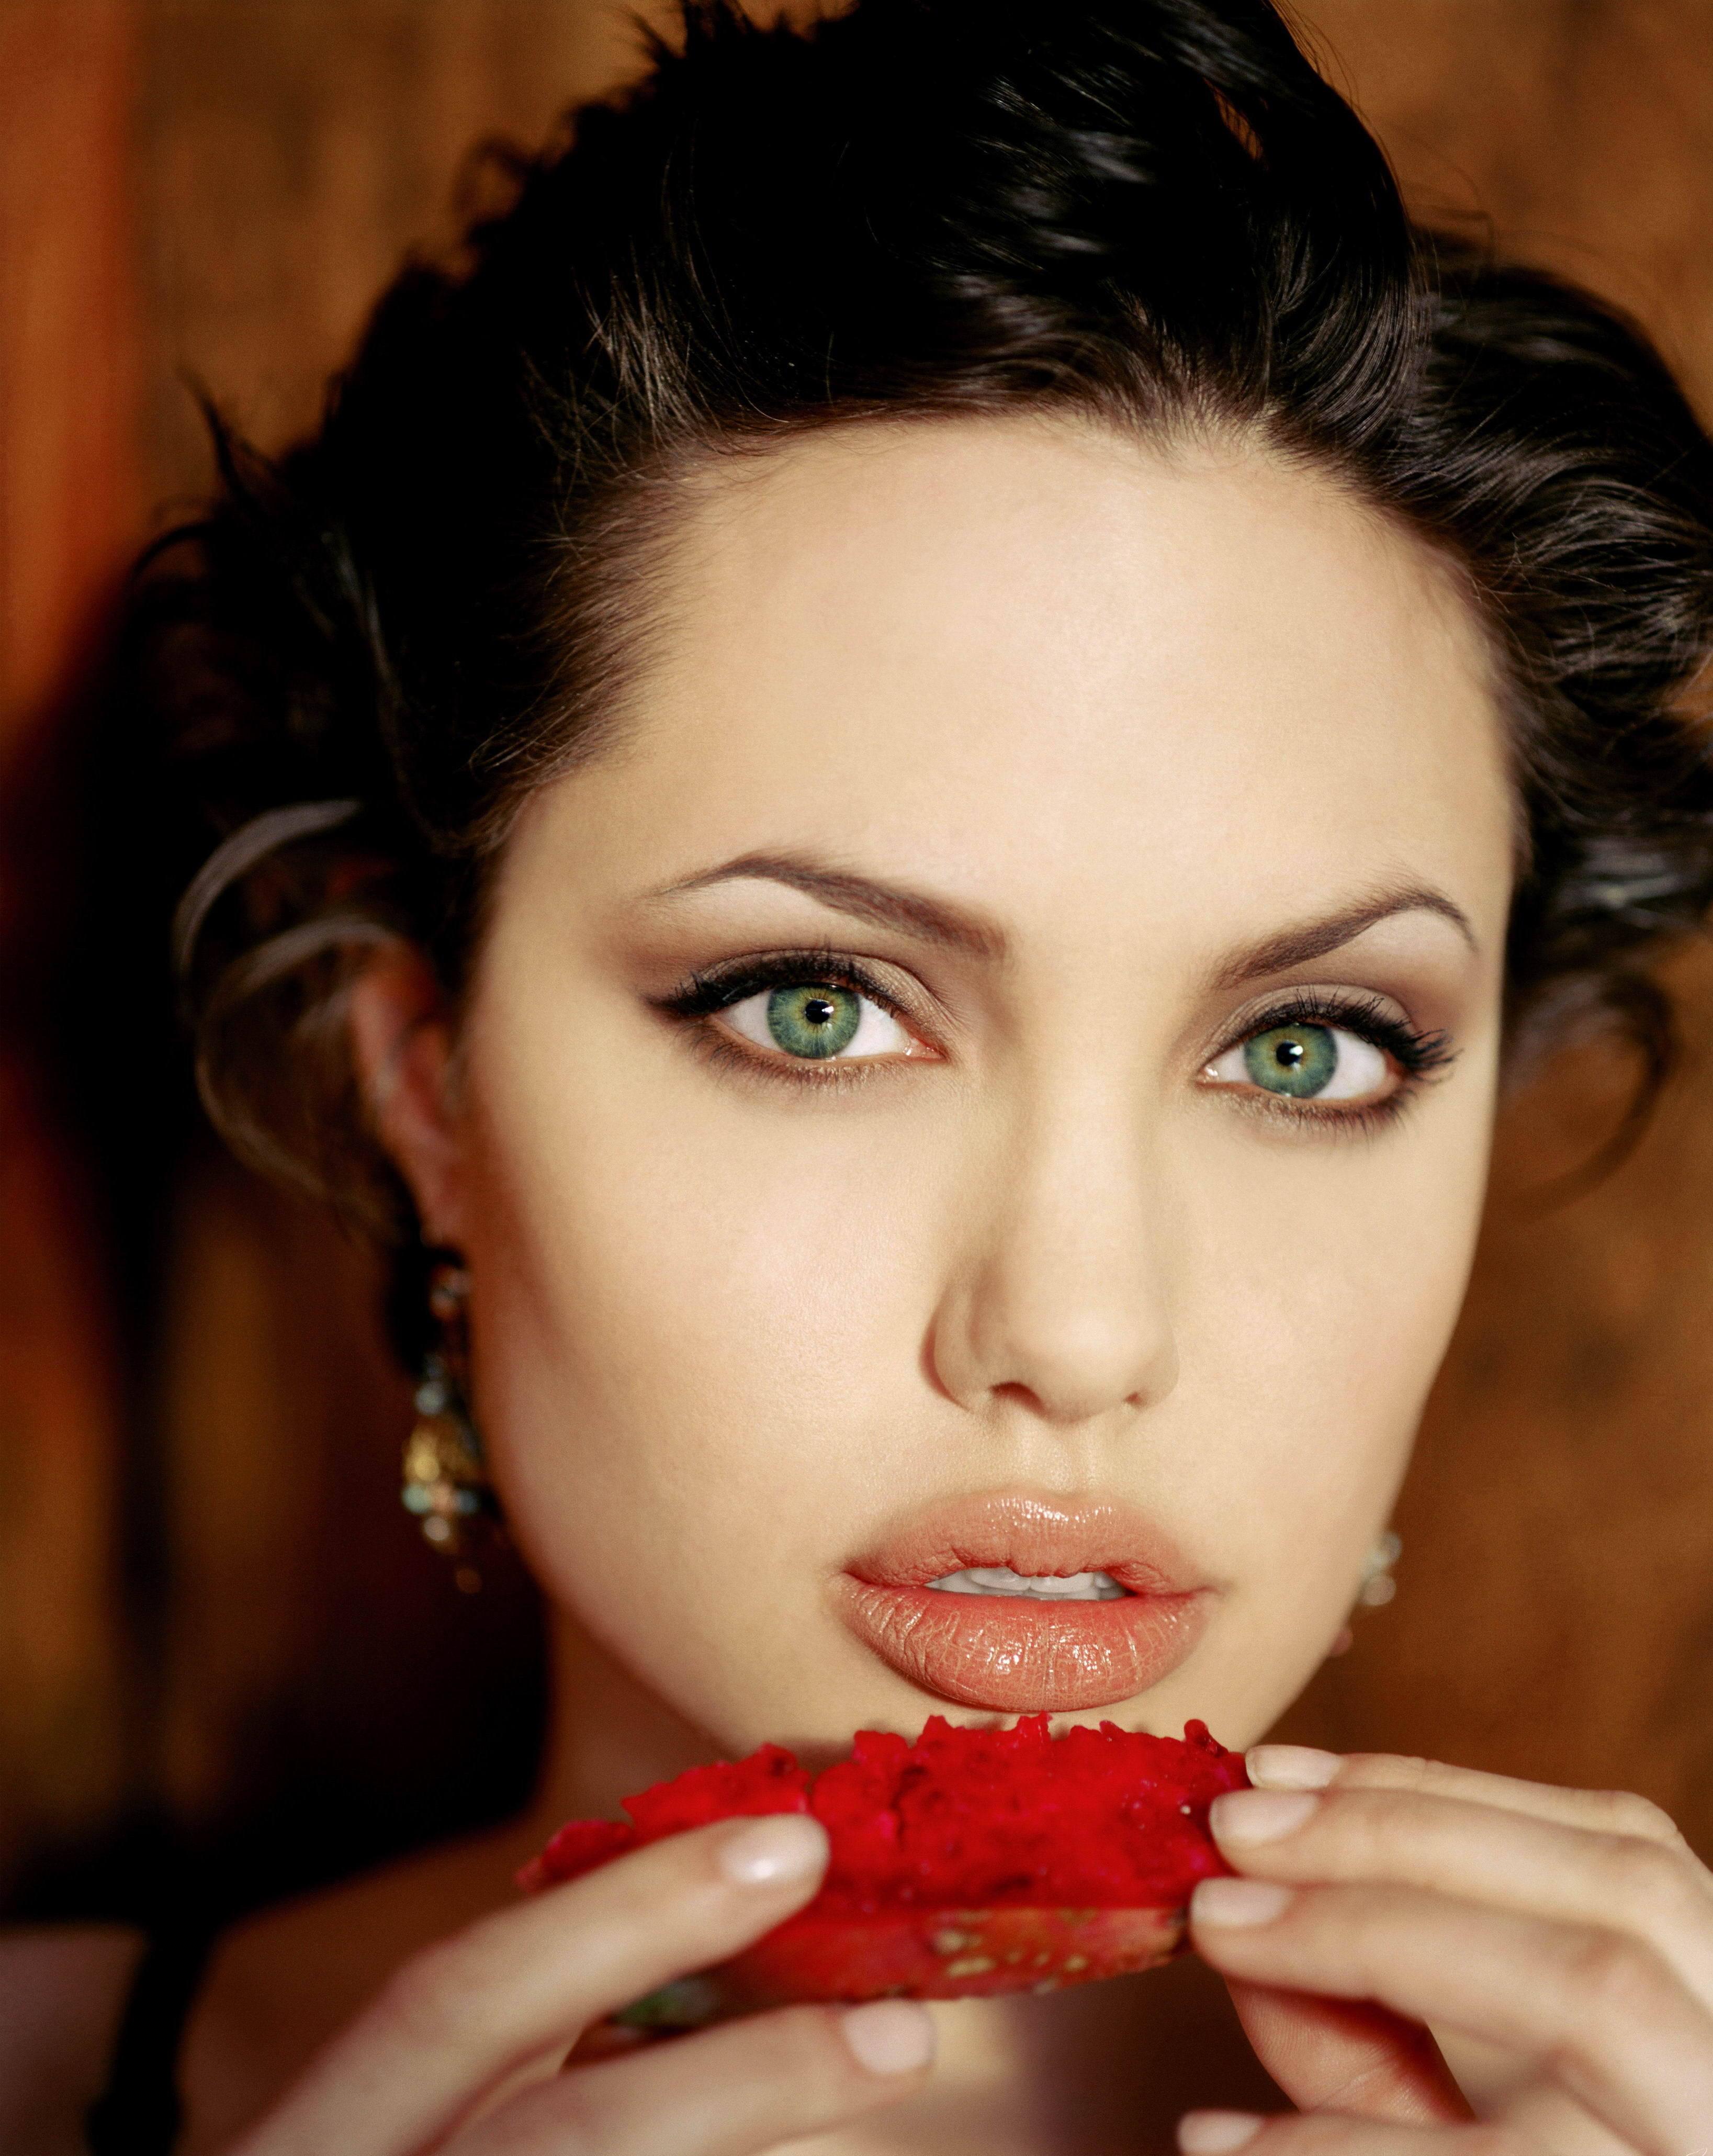 Оказывается, по форме губ можно определить, насколько чувственна женщина! Проверим?